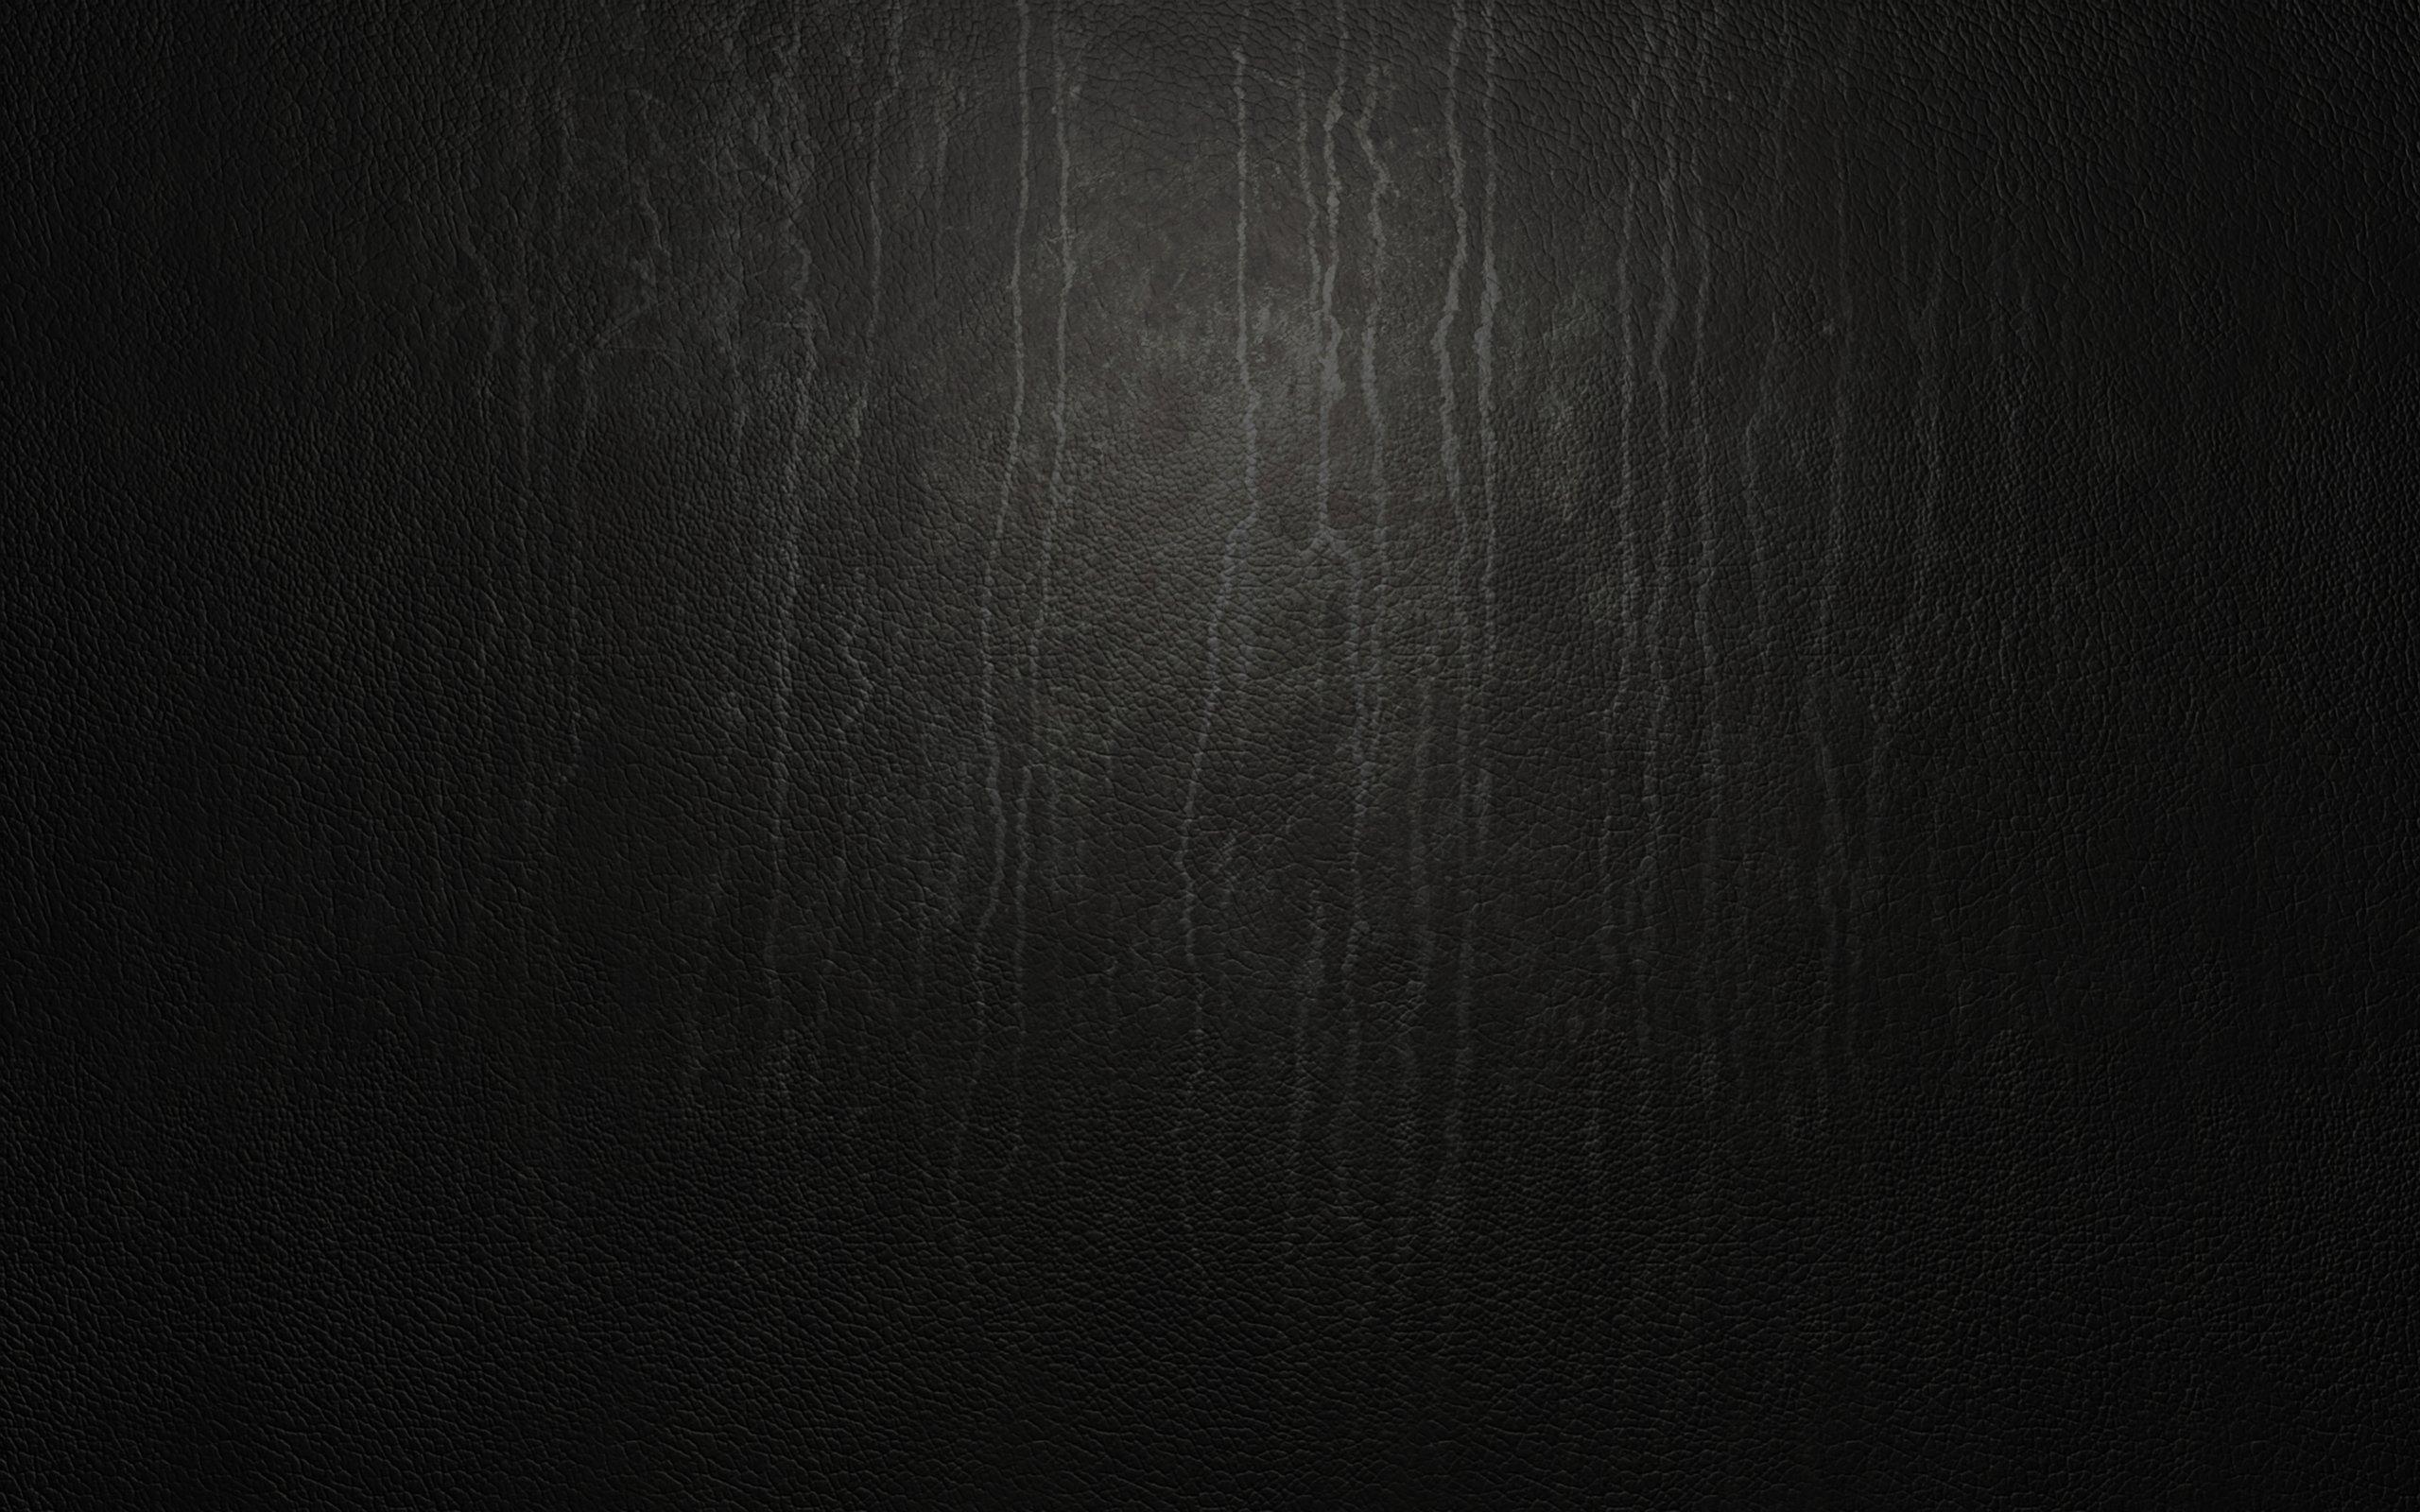 Dark Wallpaper 9256